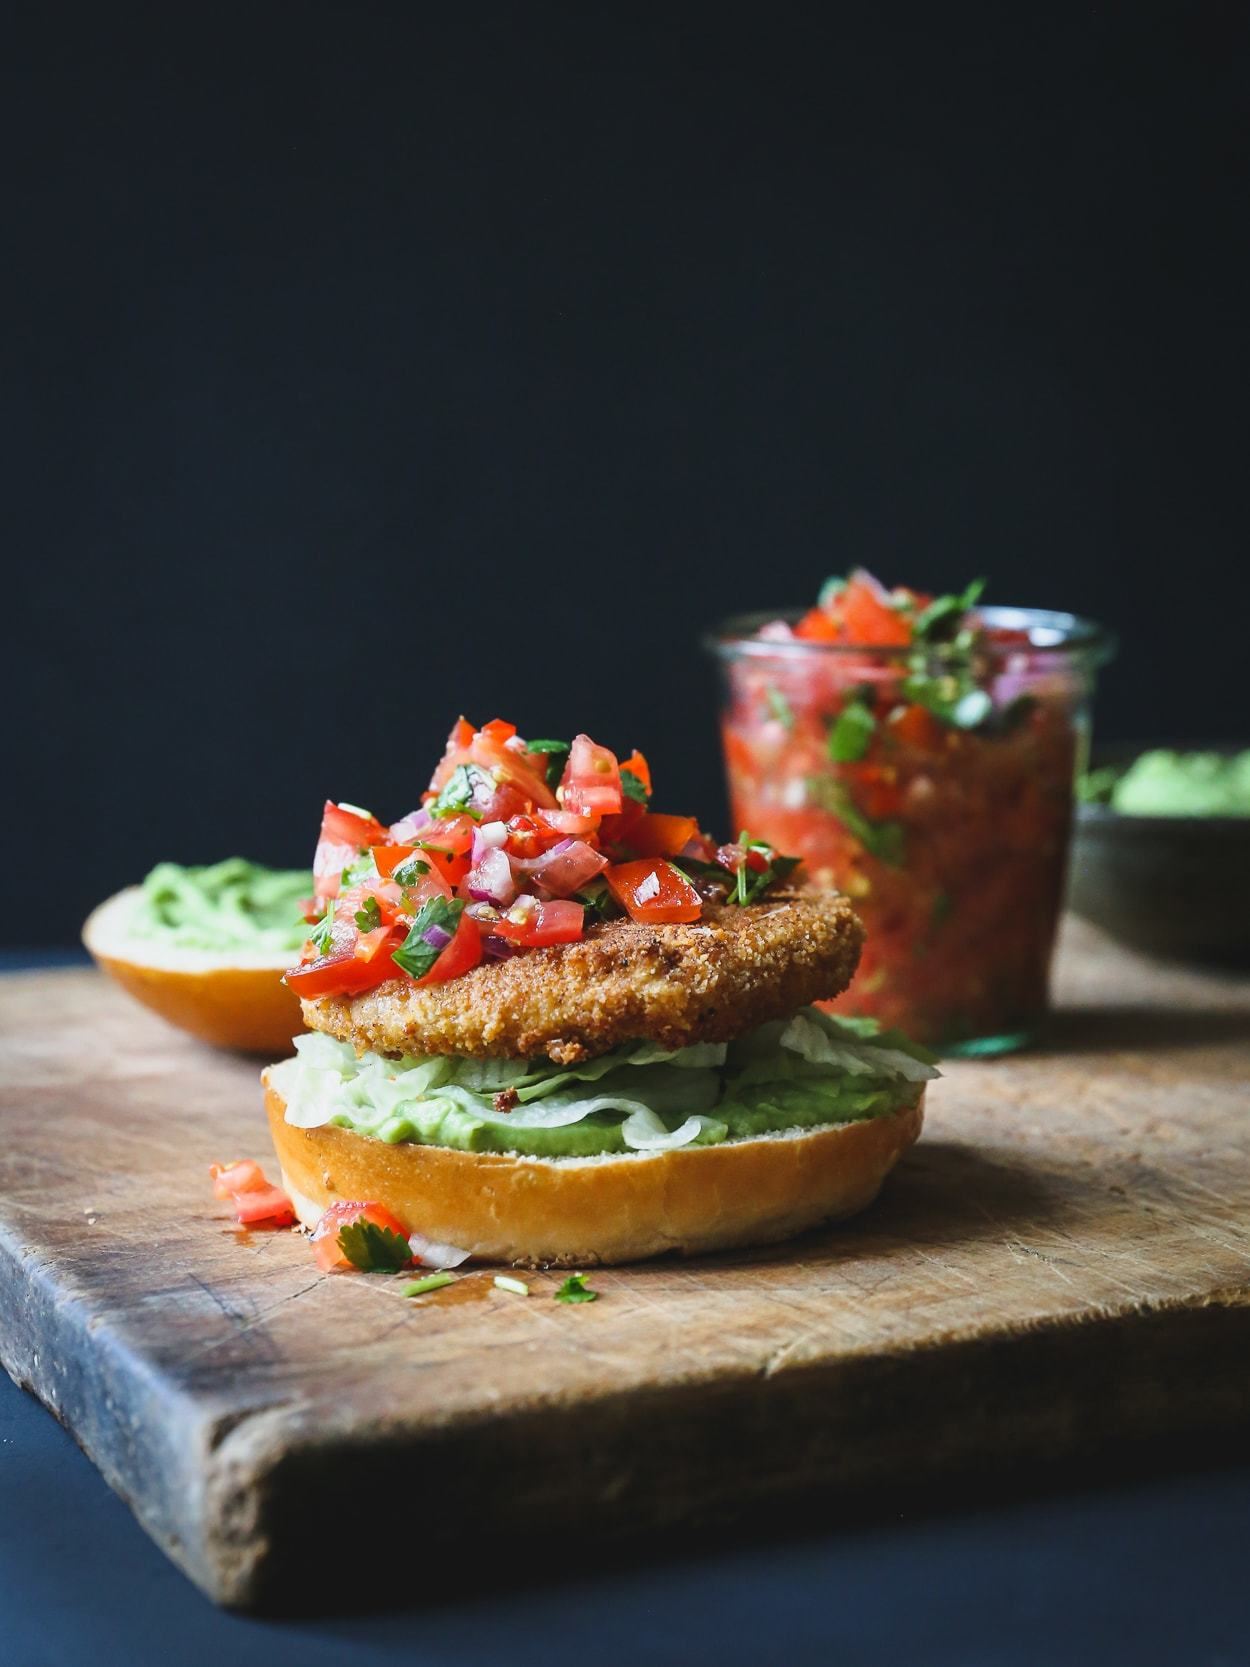 vegetarburger med guacamole og salsa